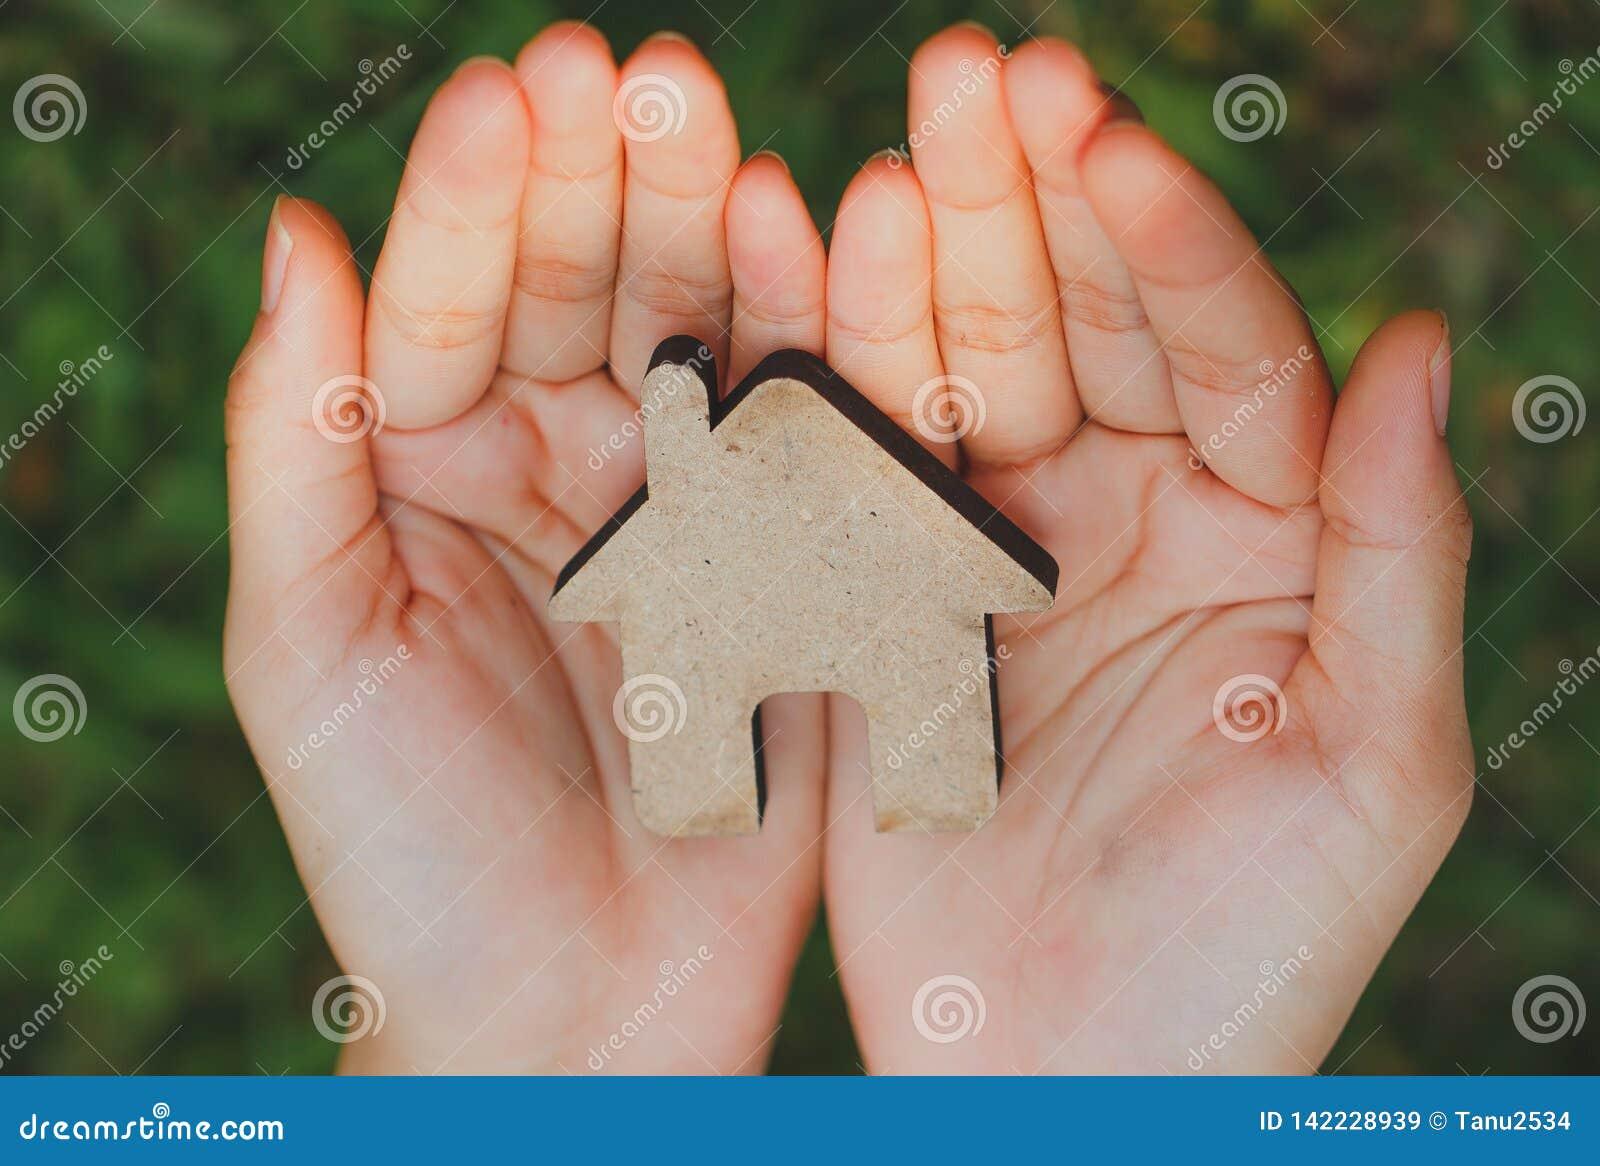 Petite maison chez les mains des femmes sur le fond naturel